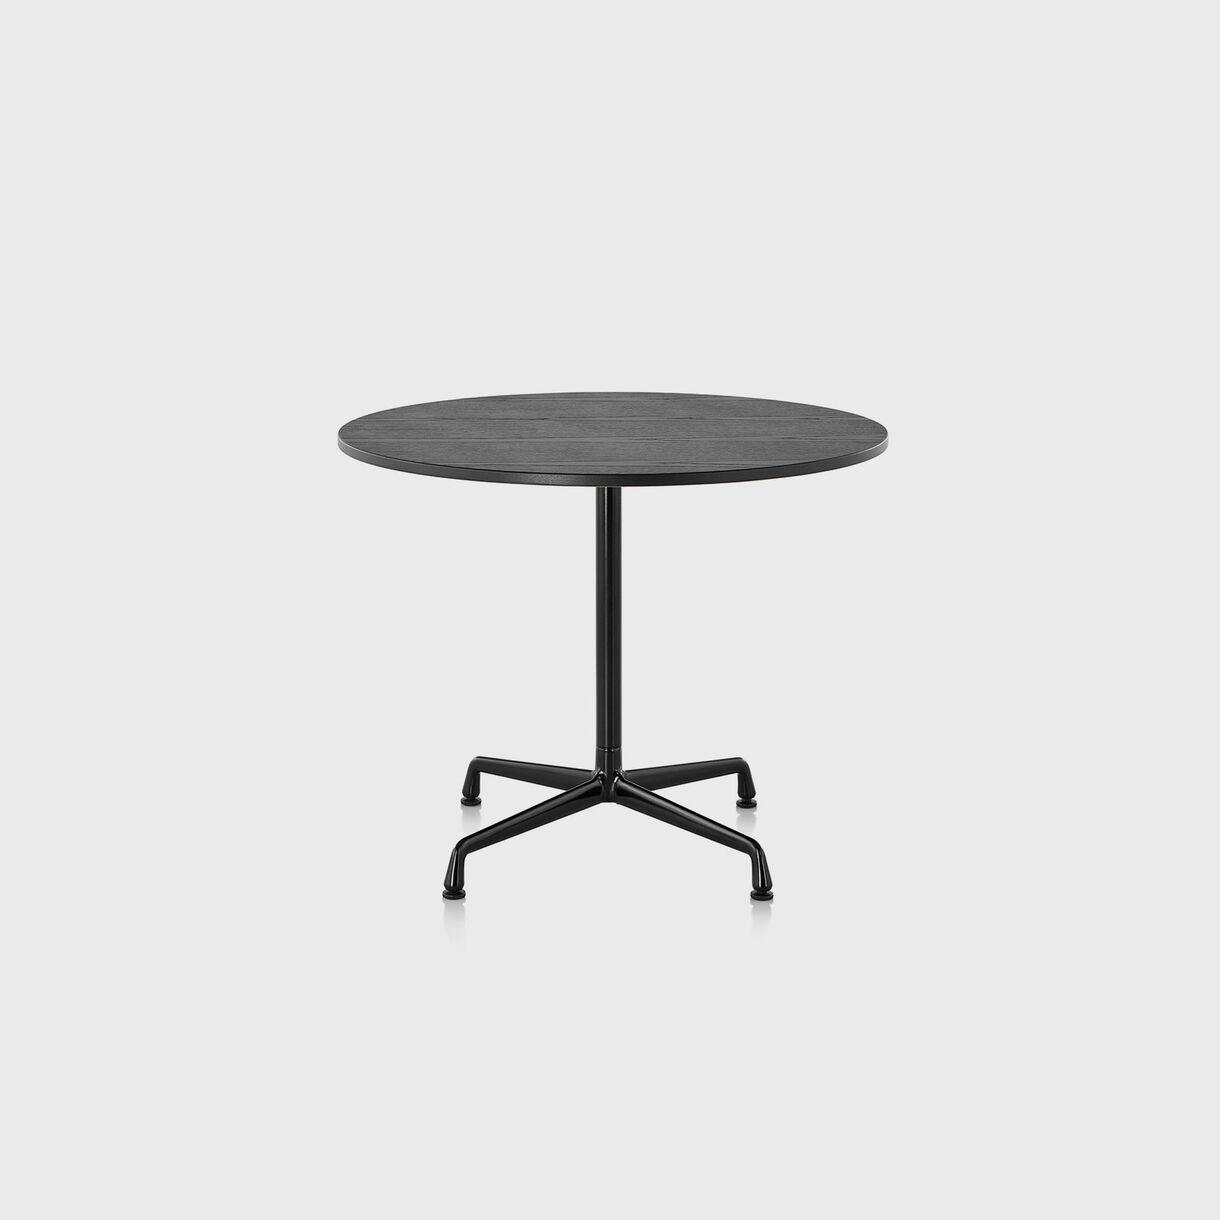 Eames Table, Universal Base